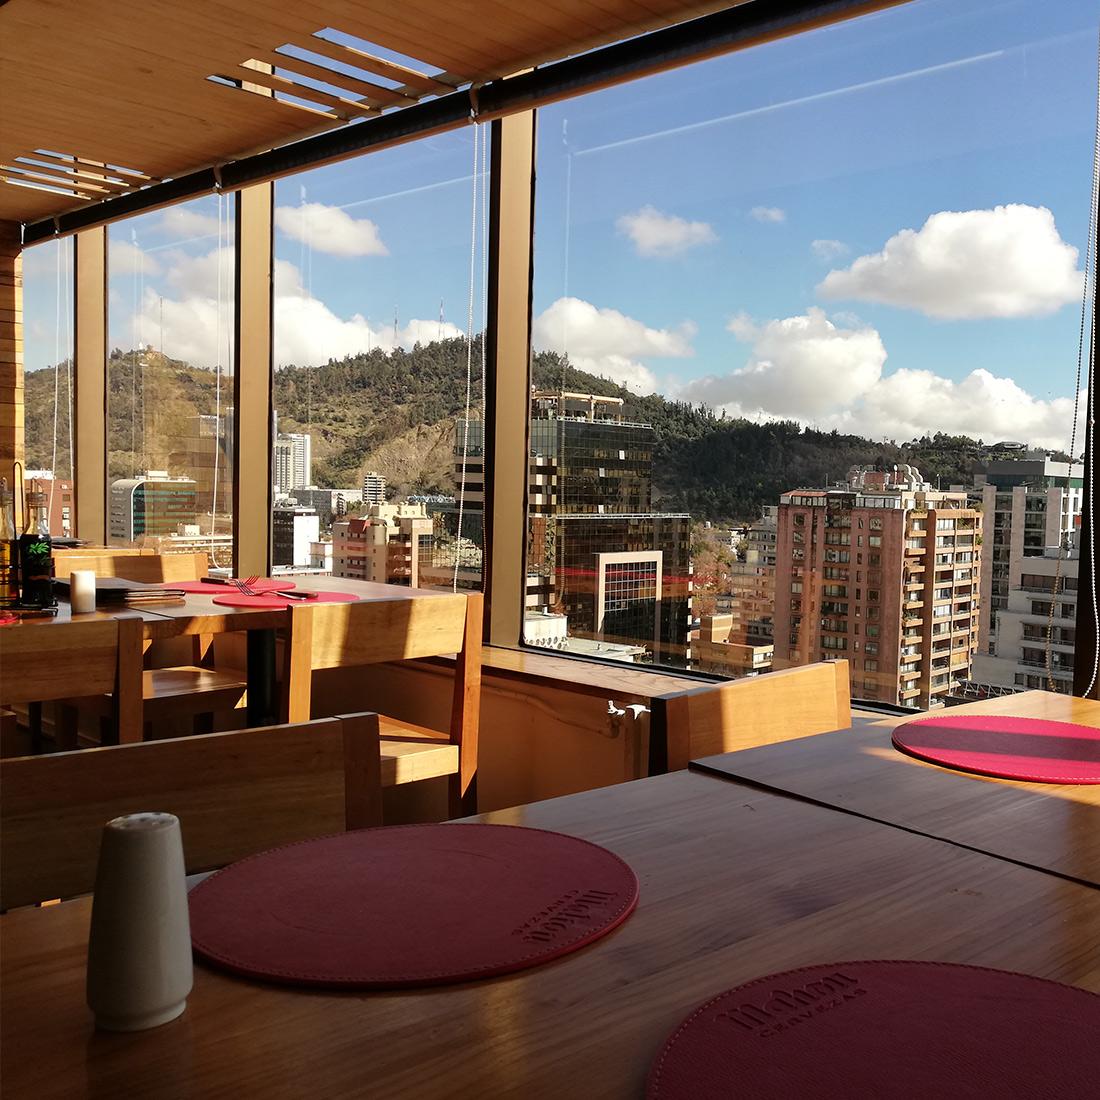 LA ESTANCIA MIRADOR Restaurante - Reserva en restaurantes de Comida CARNES - PROVIDENCIA - MESA 24/7   SANTIAGO - Perú